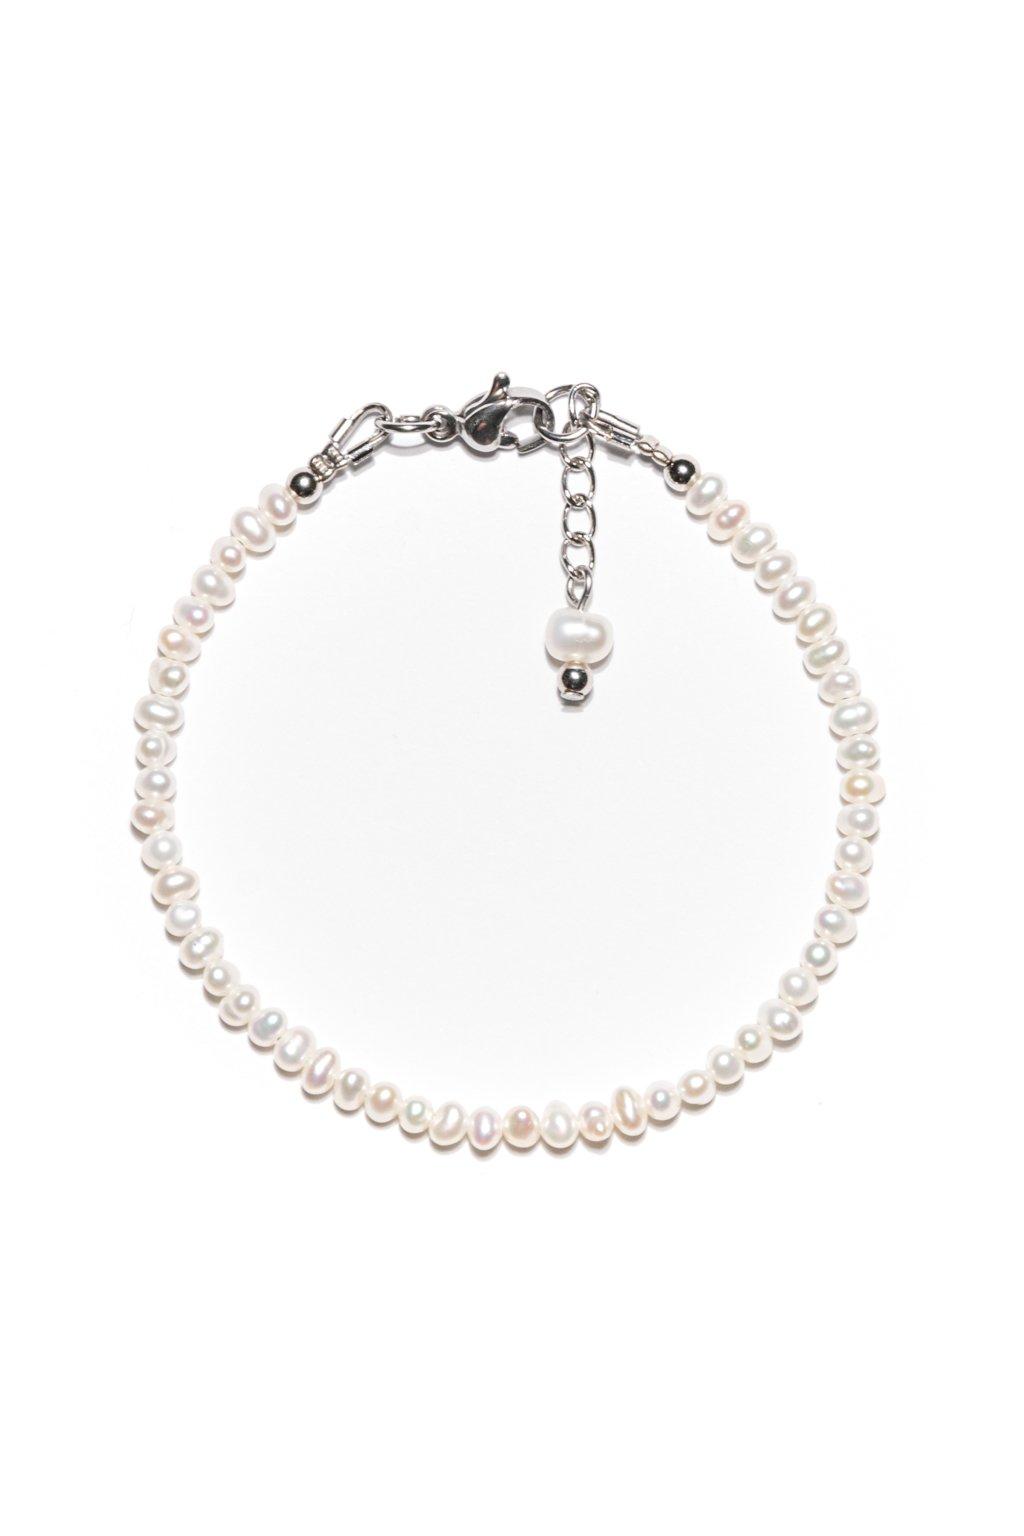 134 Jemnulinký náramok riečna perla s karabínkou